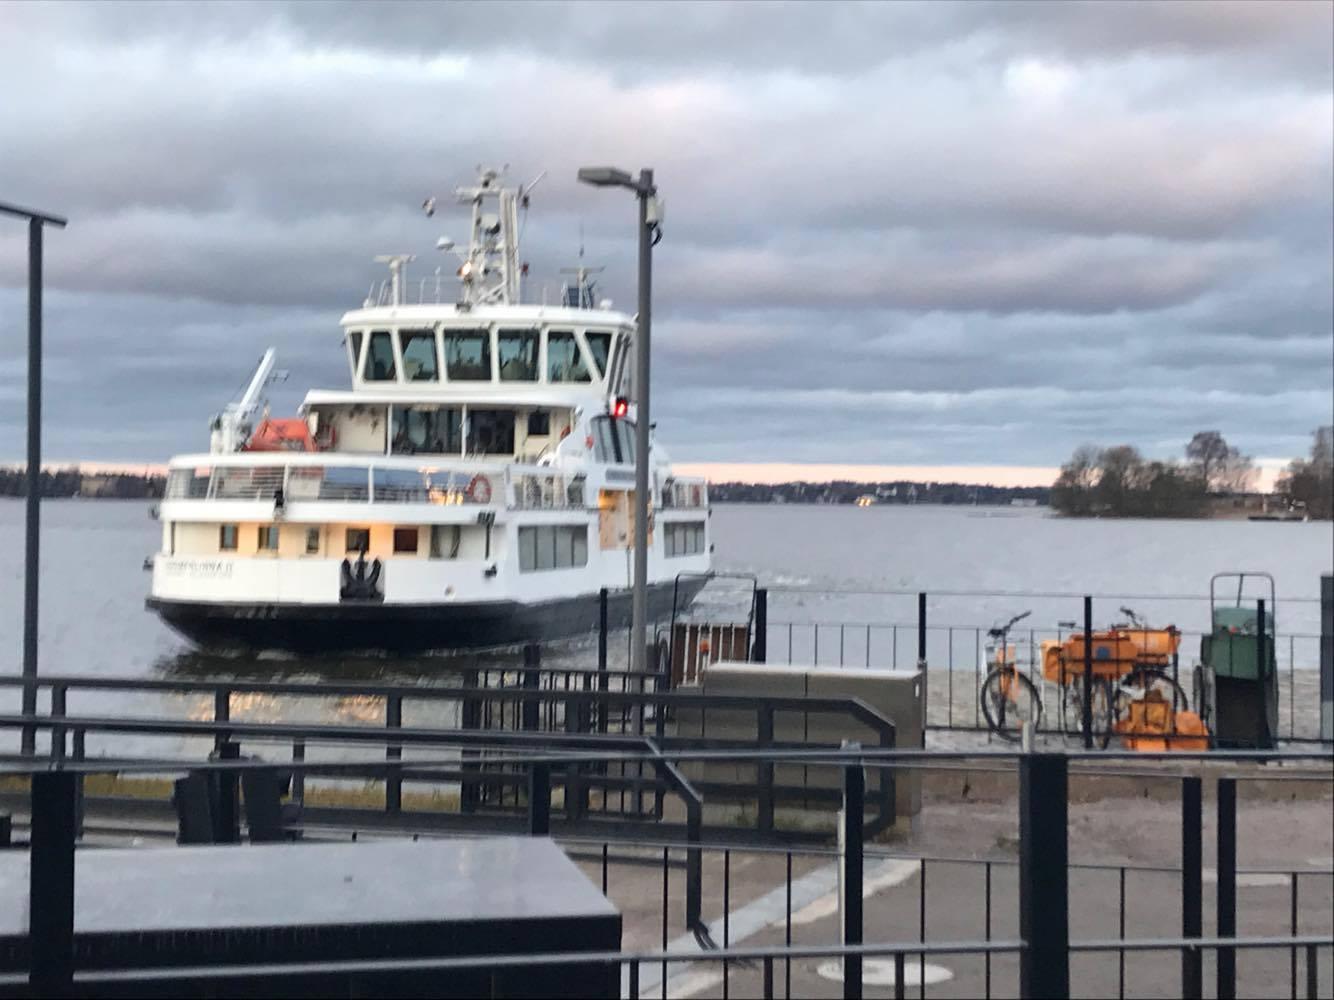 Suomenlinnan lautta saapuu laituriin.